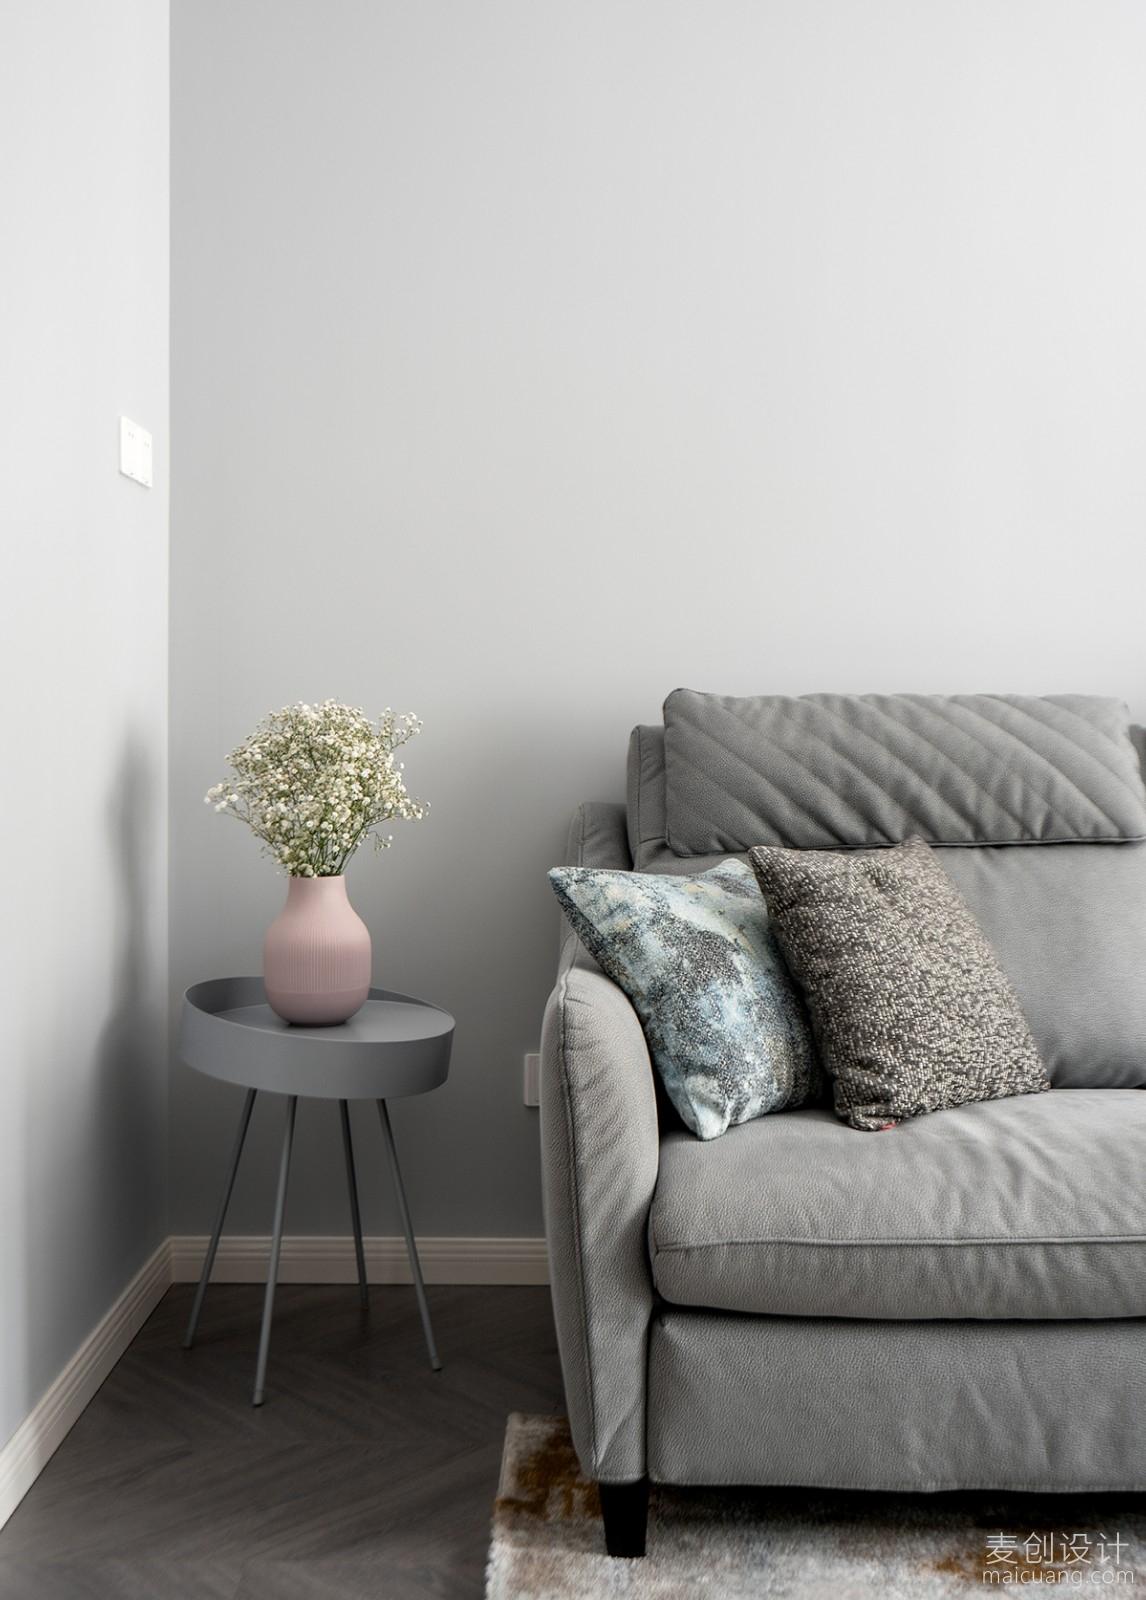 沙发旁边的花饰品